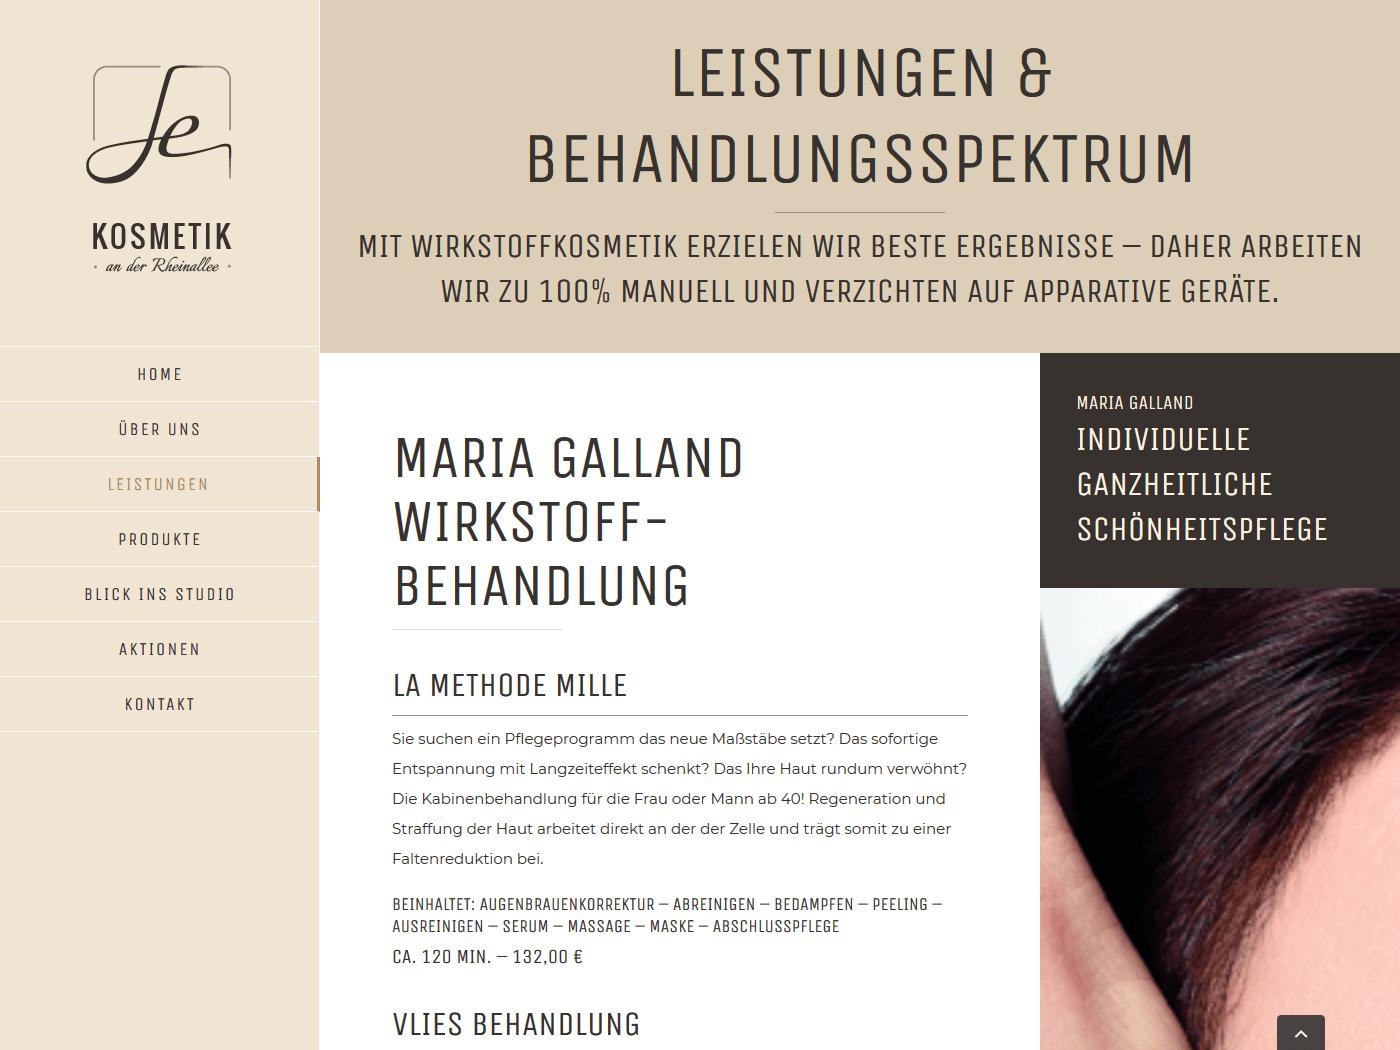 responsive Webdesign Kosmetik an der Rheinallee, Leistungen